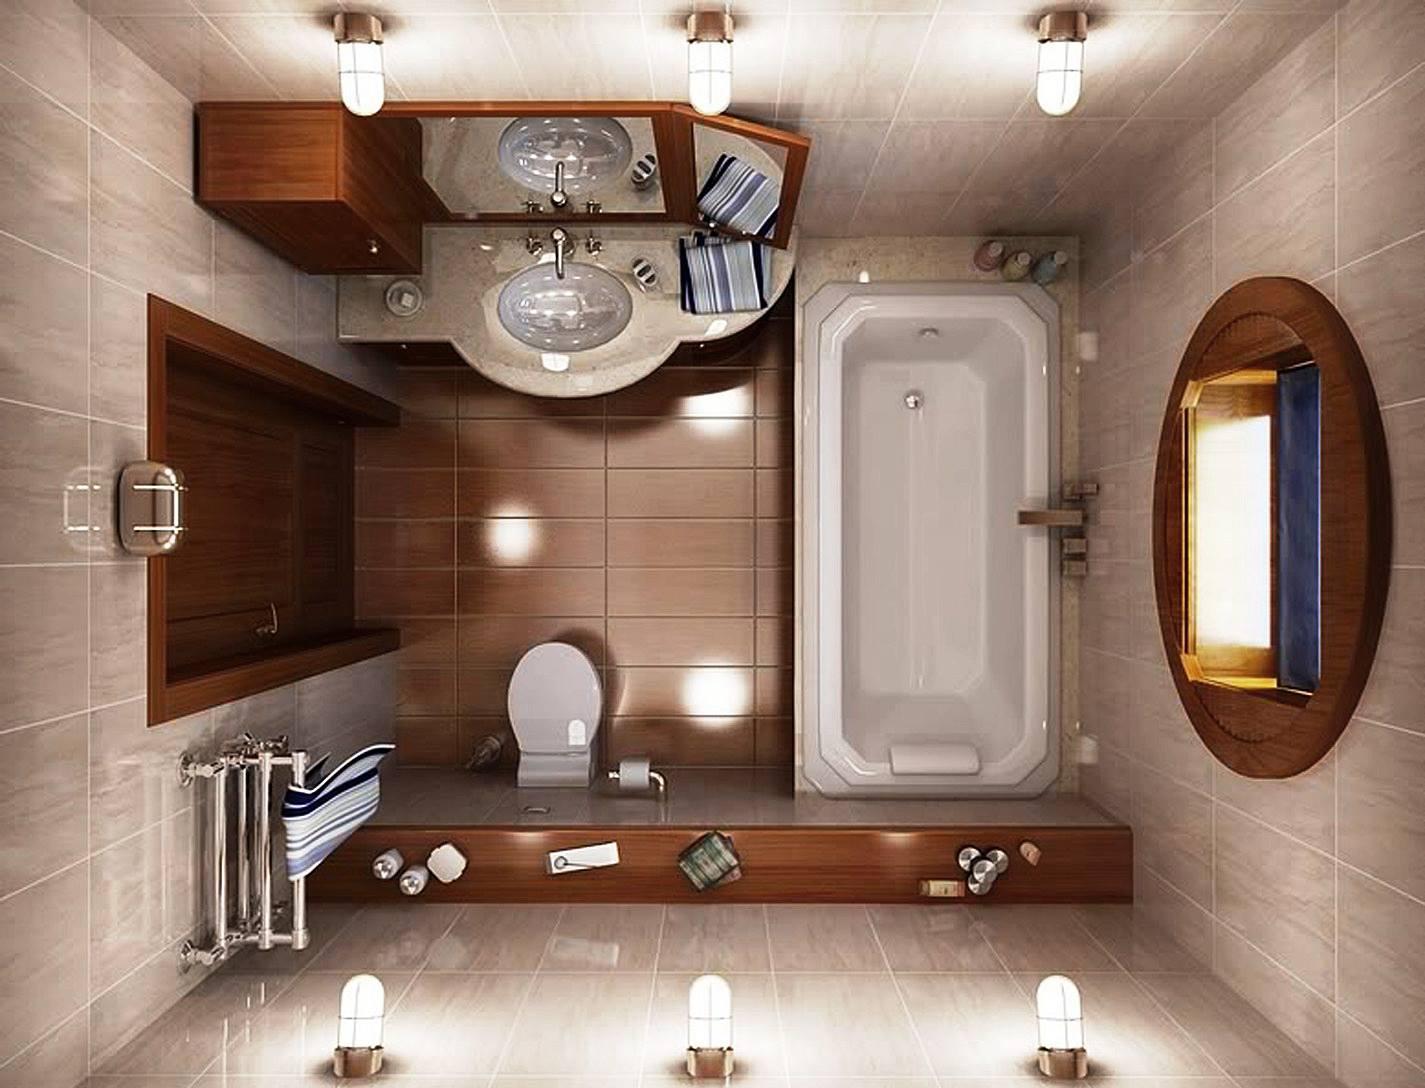 ديكورات لحمامات صغيرة جدا وبسيطة